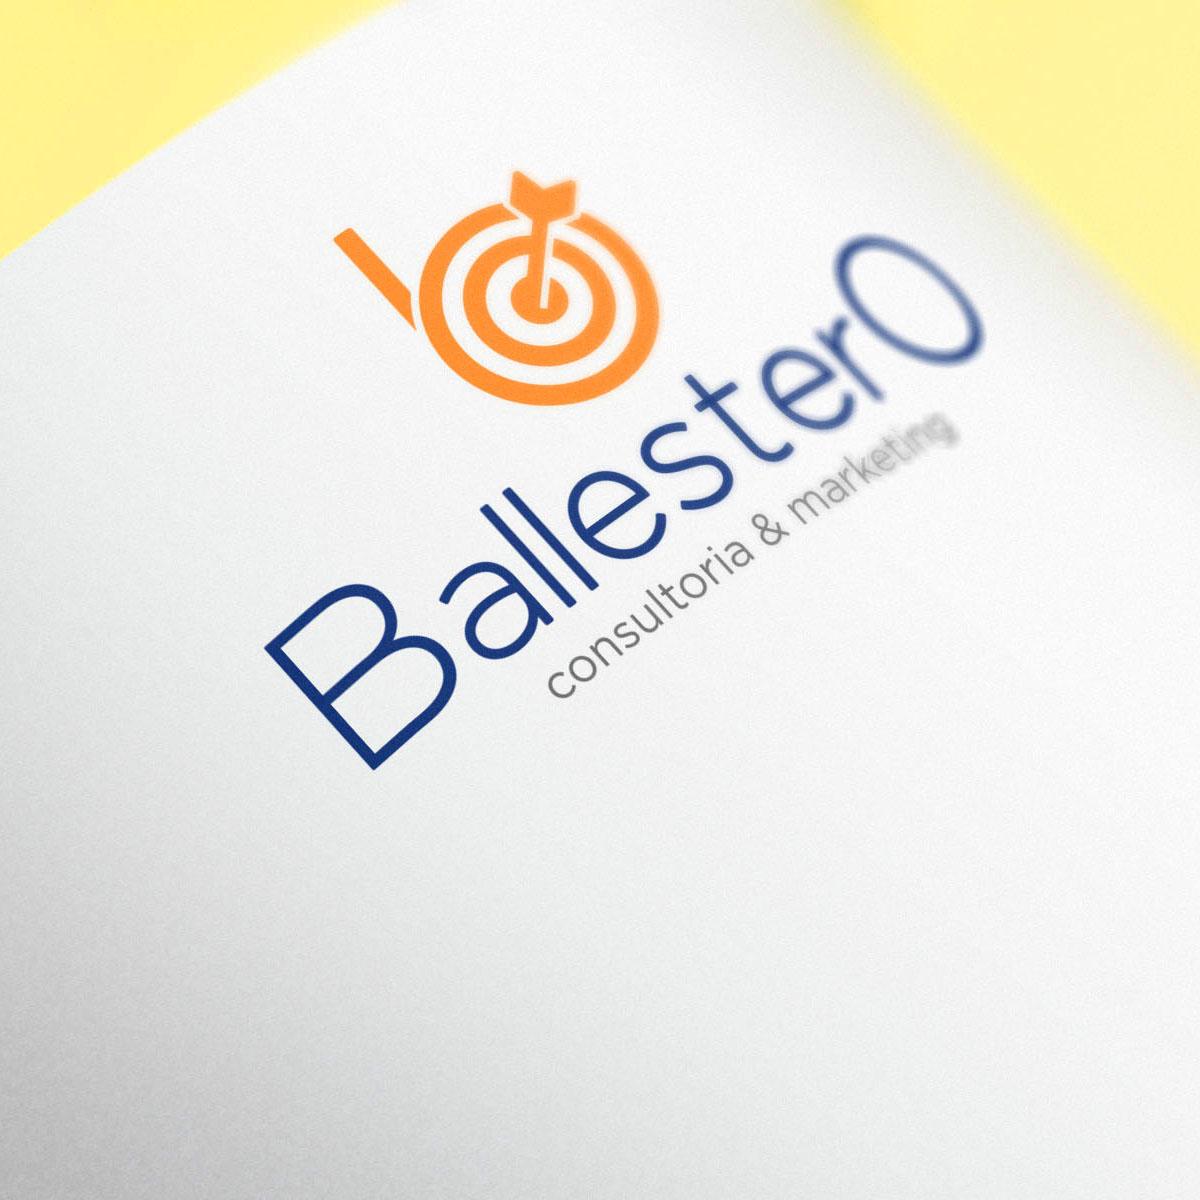 ballestero-00c-v2-quadrado